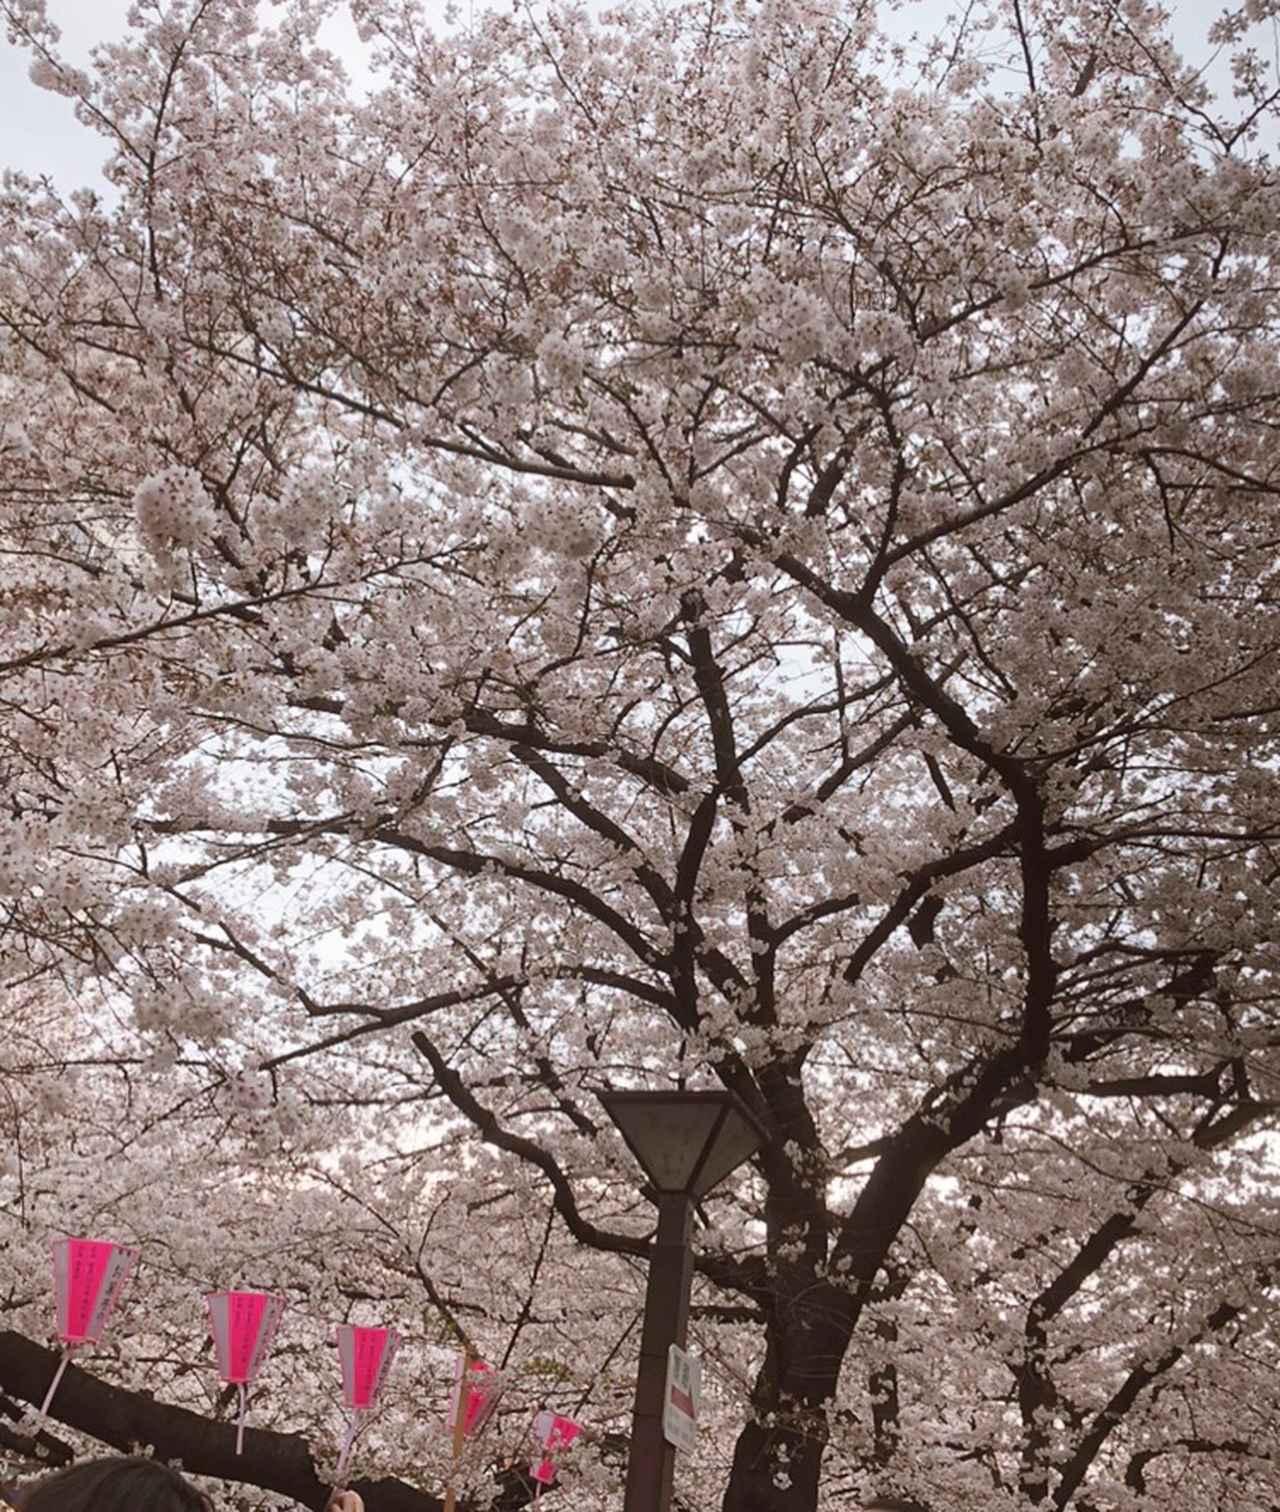 """画像2: """"平成最後の欲望""""は『令和スイーツ』!?ロレンス編集部の「コレがしたいアレが欲しい 2019年4月」 【水曜日のミク様】"""